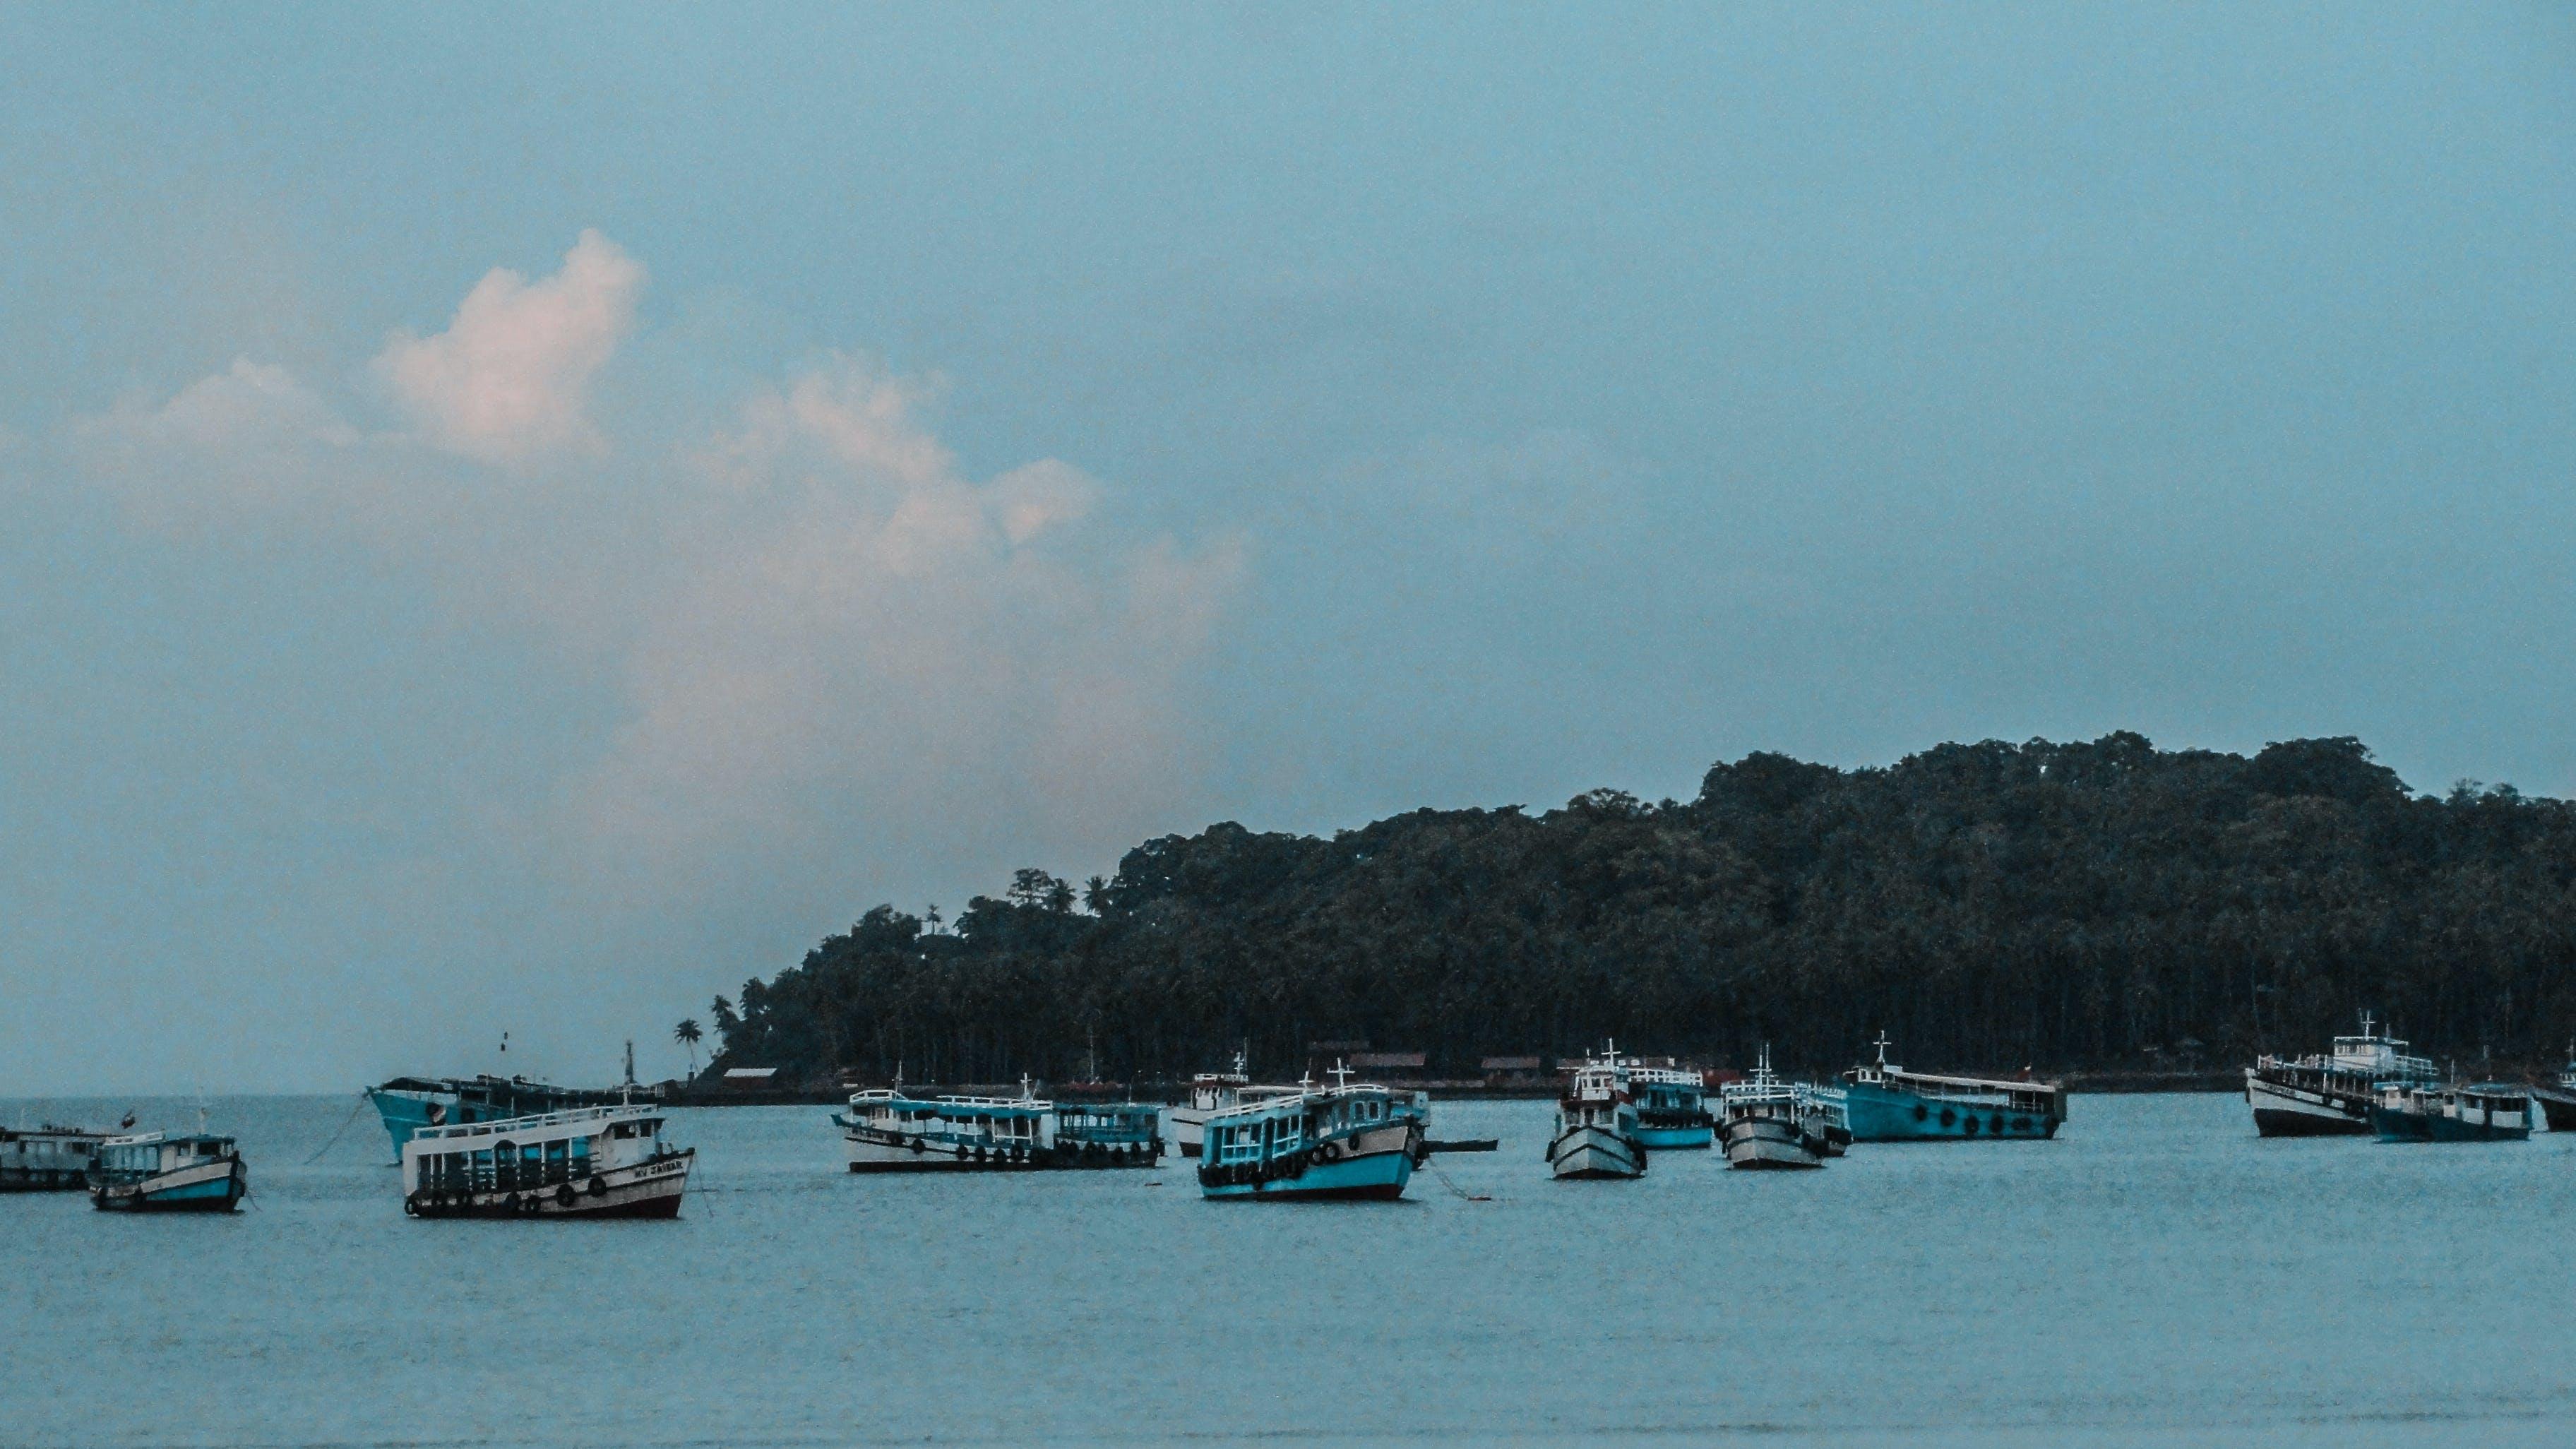 Teal Boats Near Island